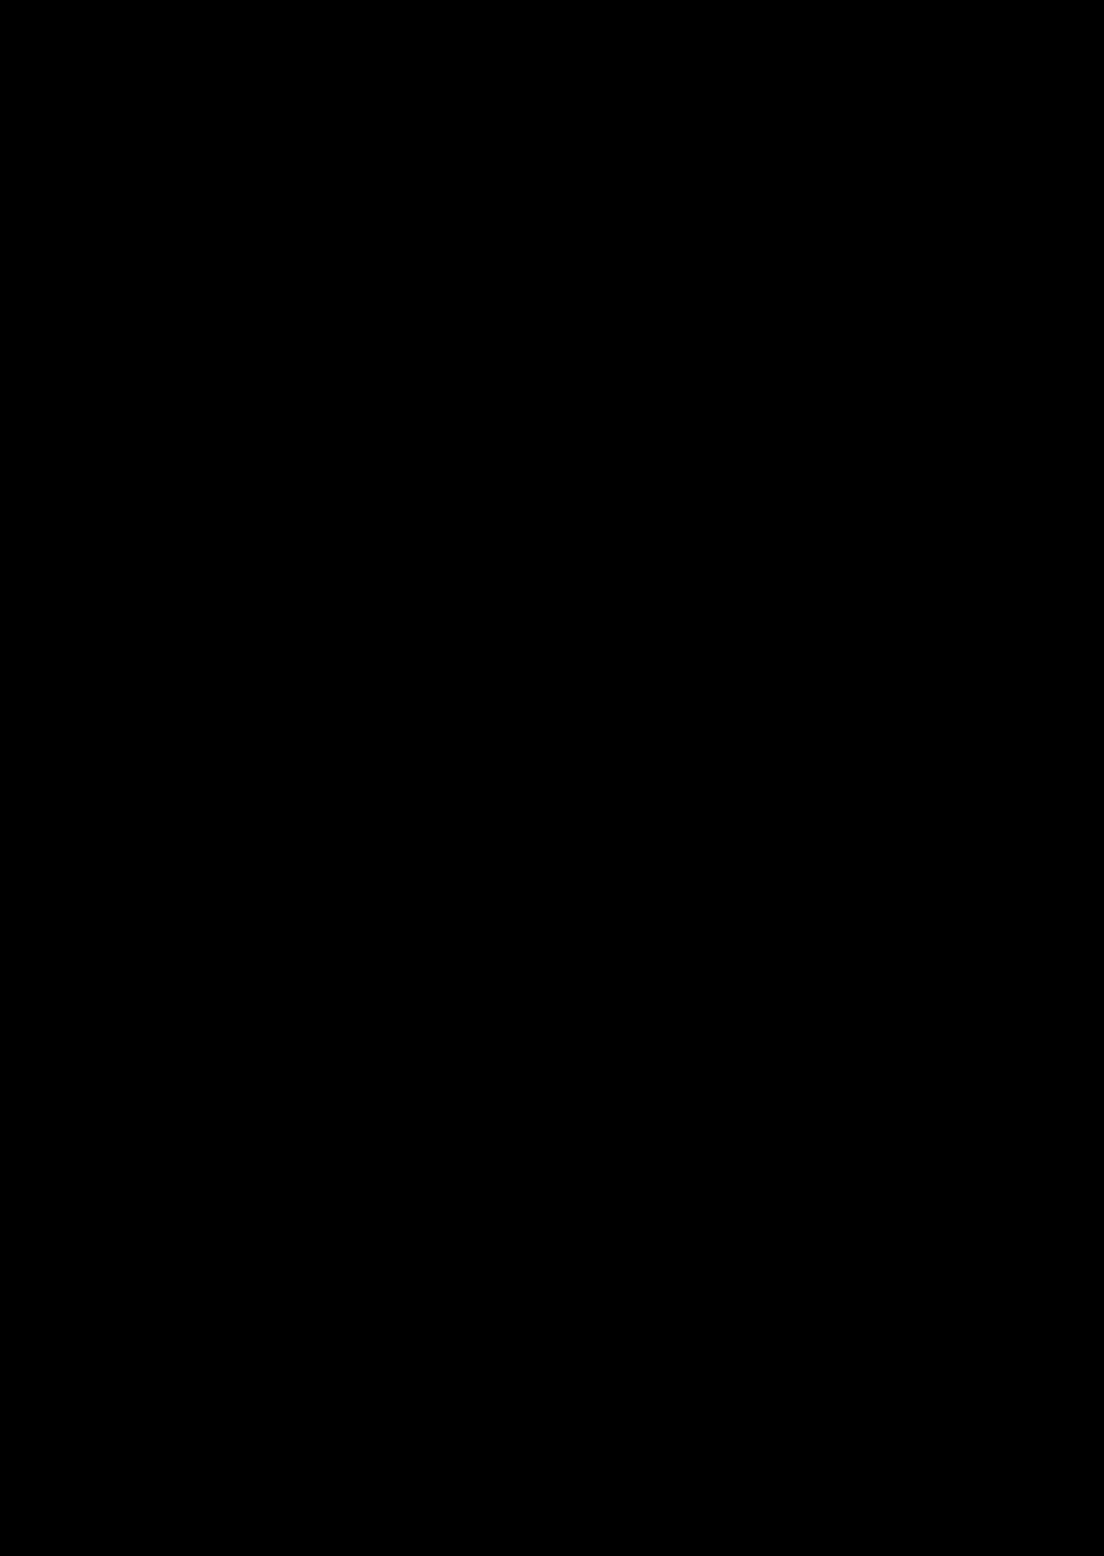 長編漫画「BIBLIOMANIA」連載 第1話「不死偽(ふしぎ)の館のアリス」5P